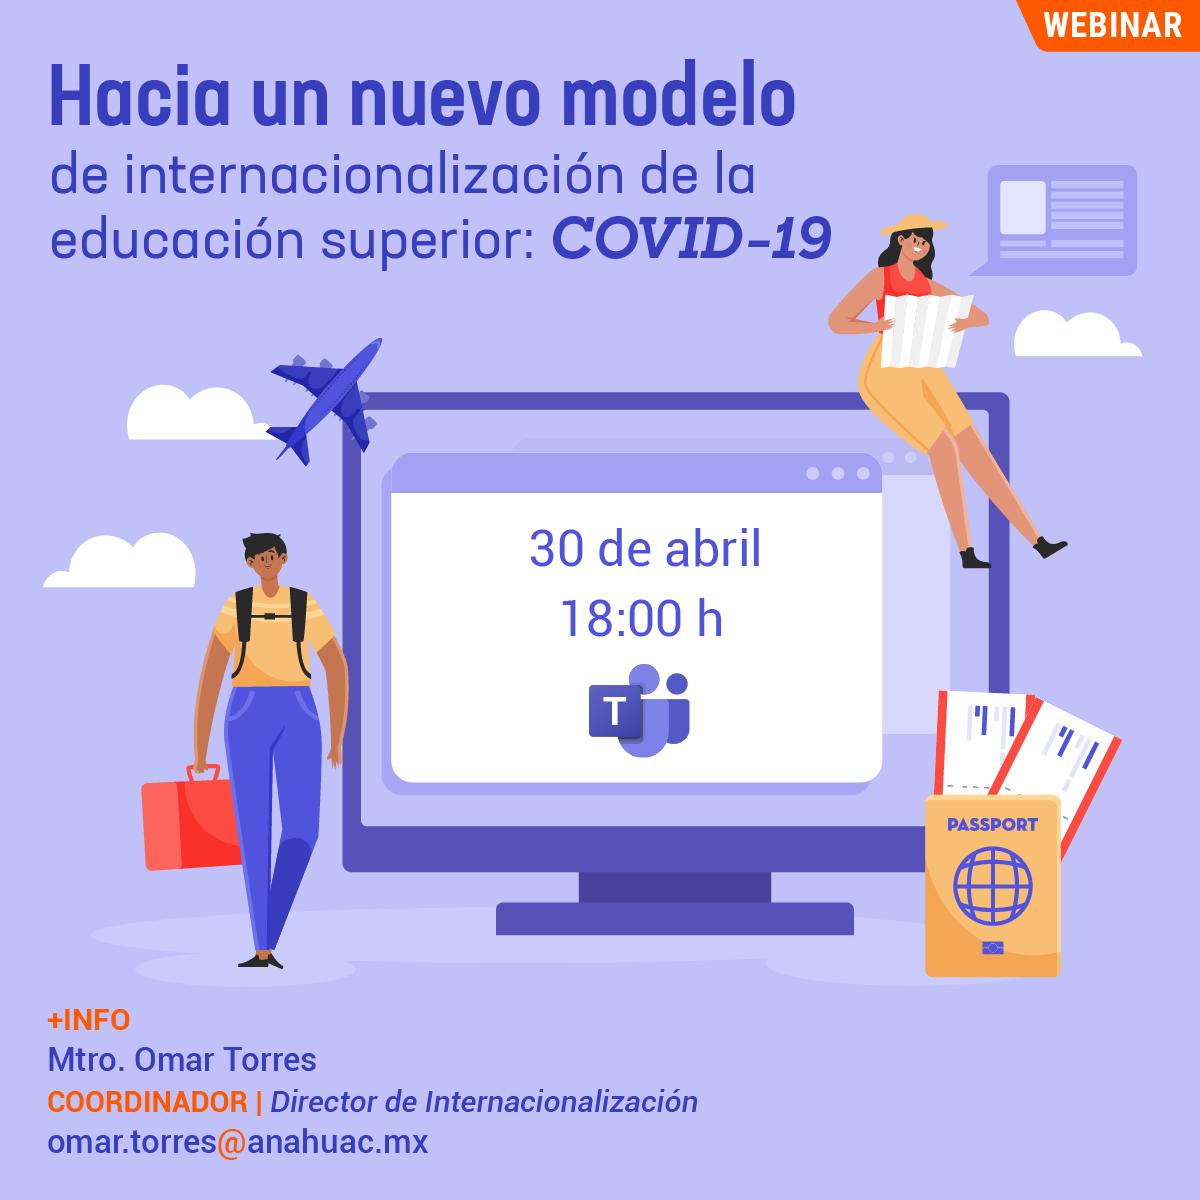 Hacia un Nuevo Modelo de Internacionalización de la Educación Superior: COVID-19